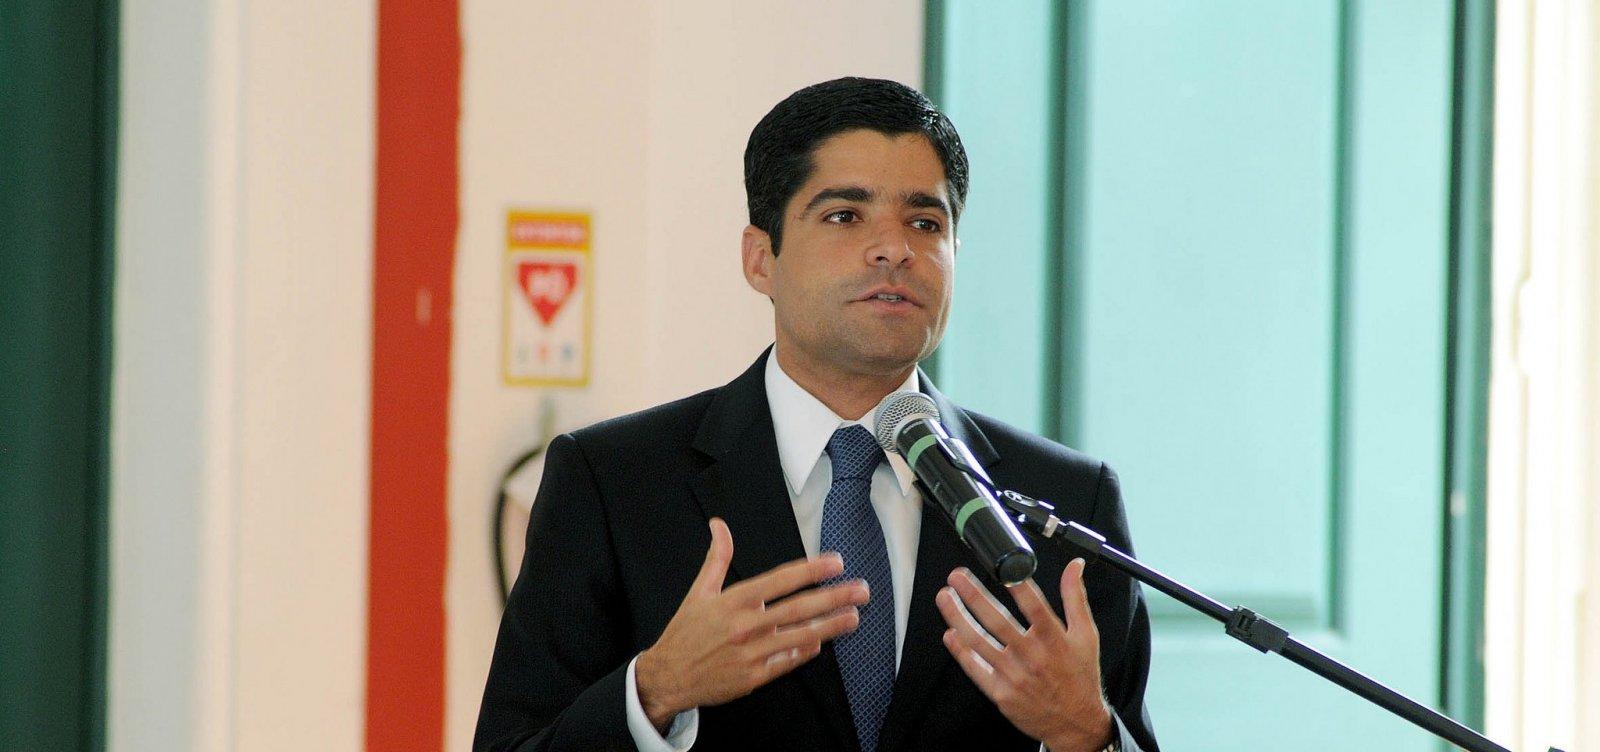 ACM Neto viaja para o Rio de Janeiro e se encontra com cúpula de Bolsonaro